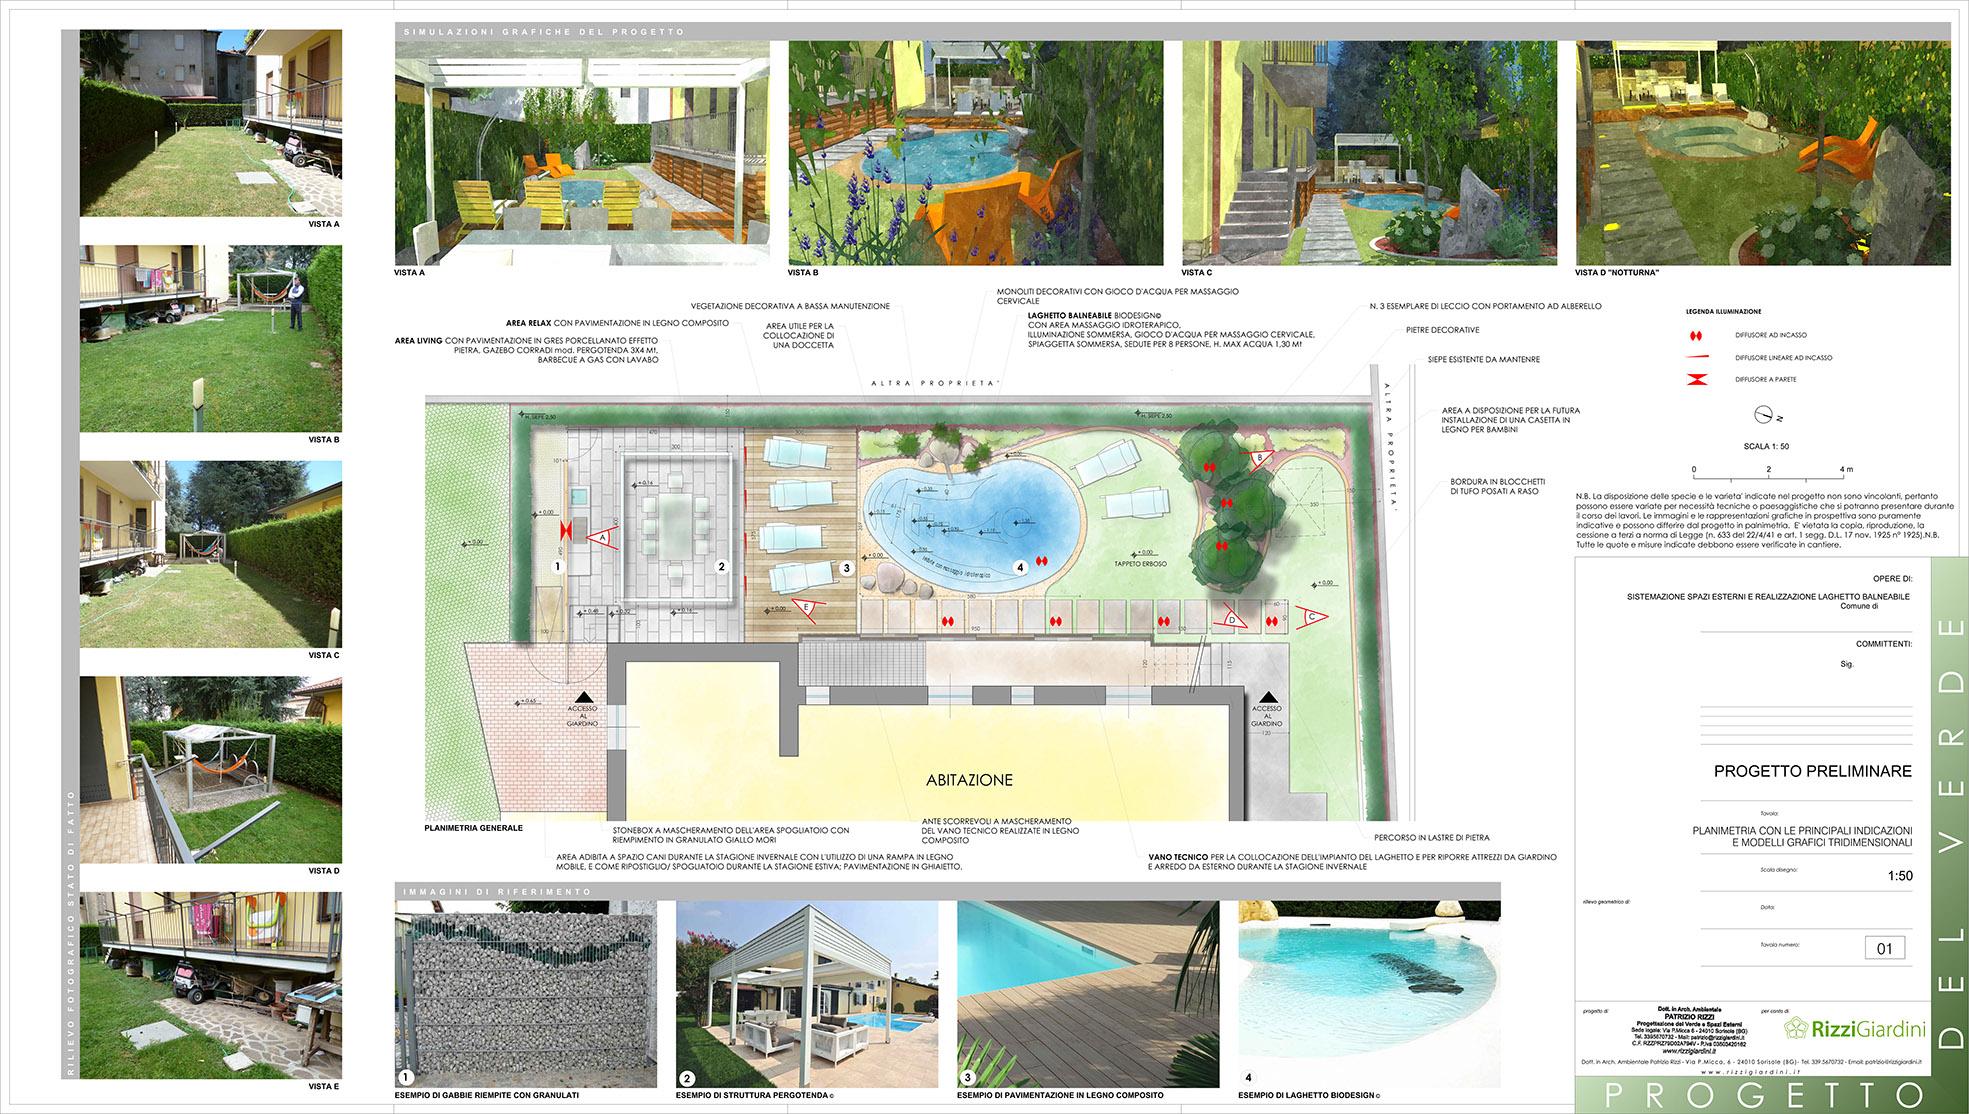 Laghetto balneabile progetto giardino privato - Progetto per giardino ...